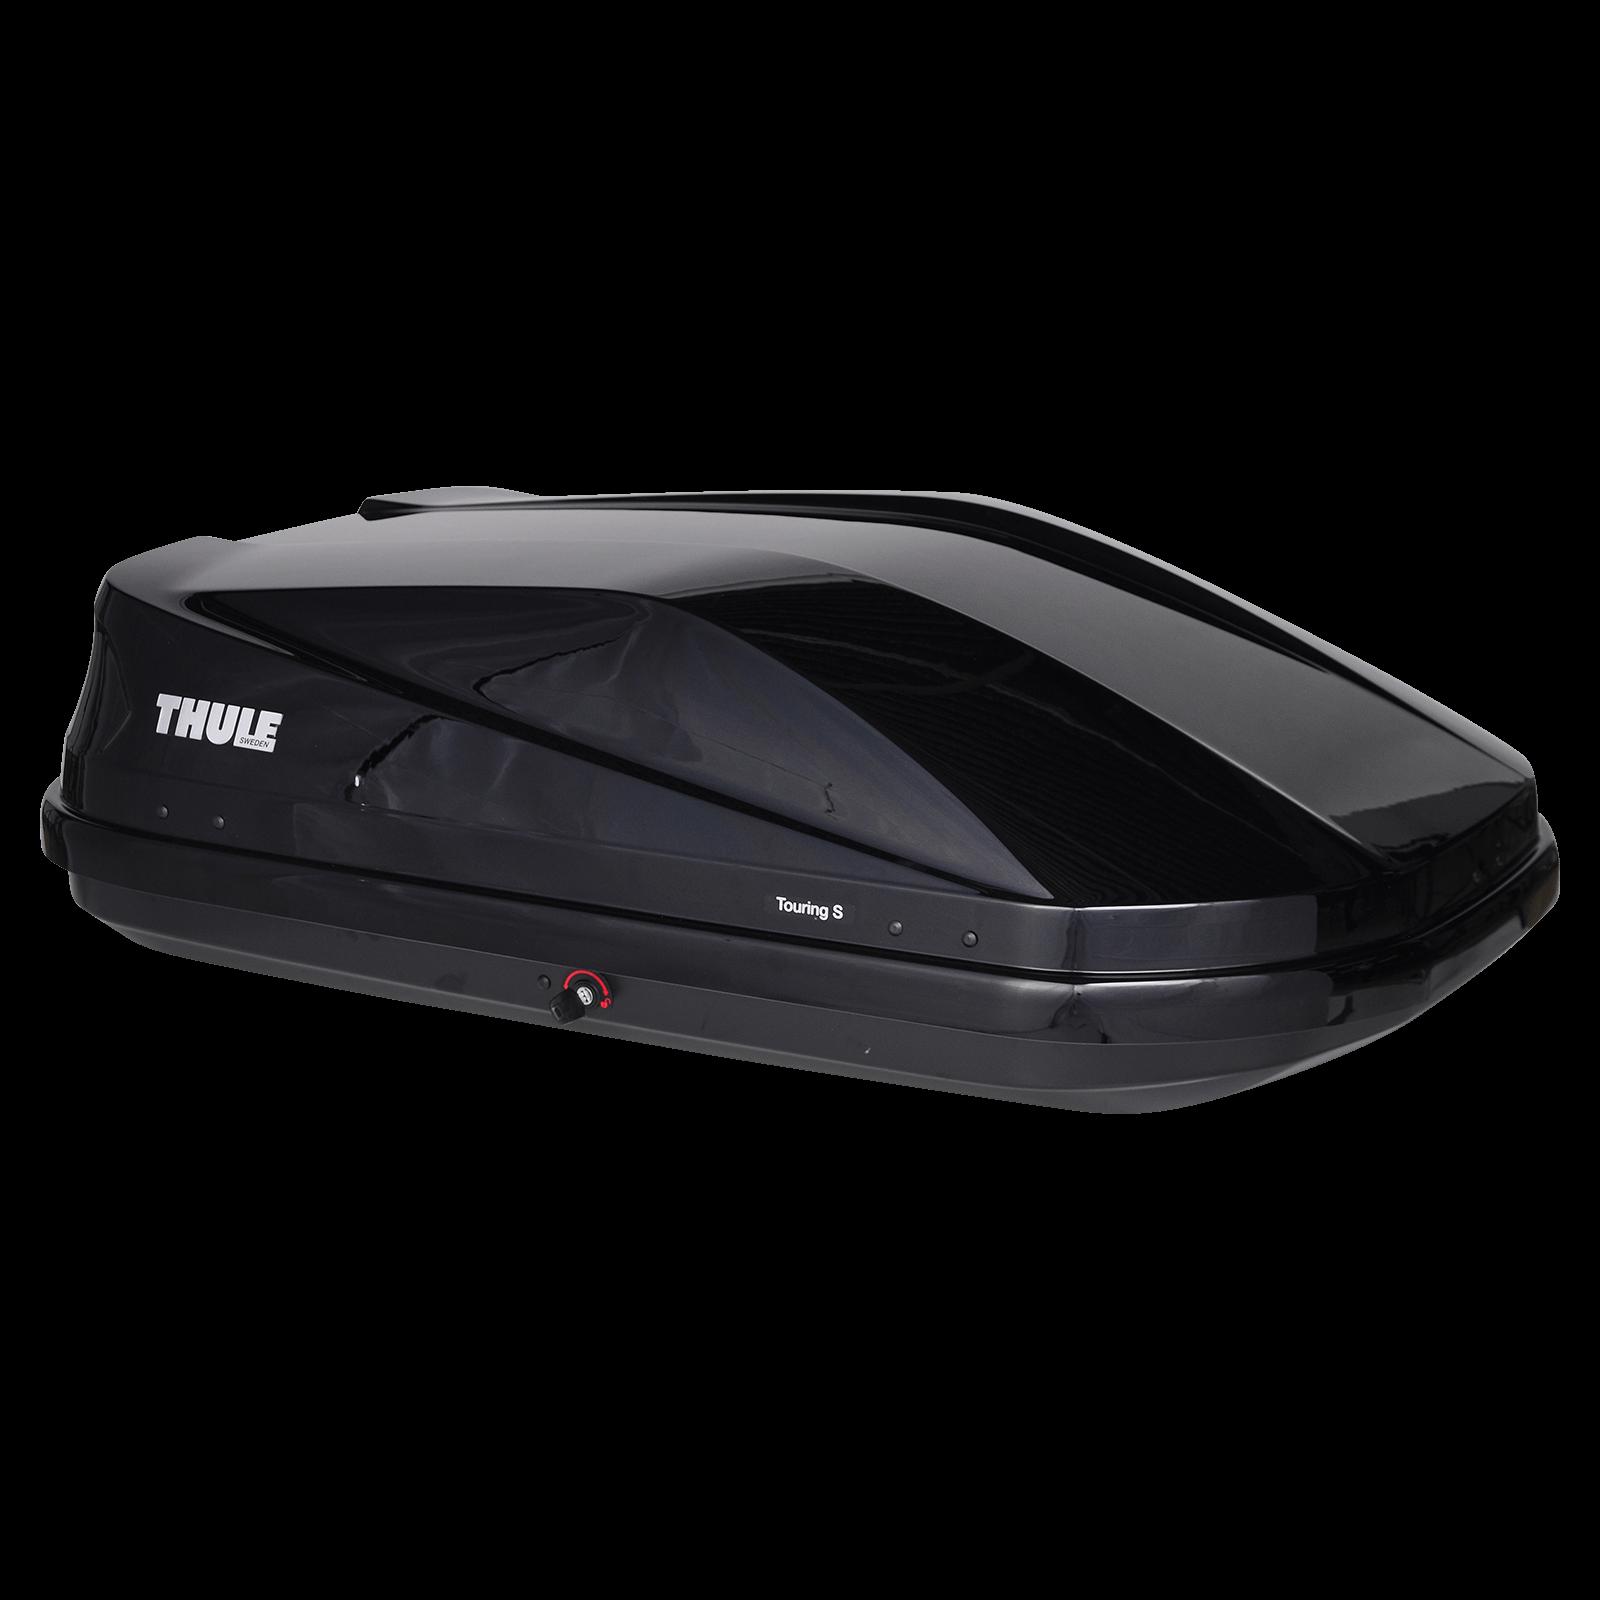 Dachbox Thule Touring S schwarz, glänzend - 330...